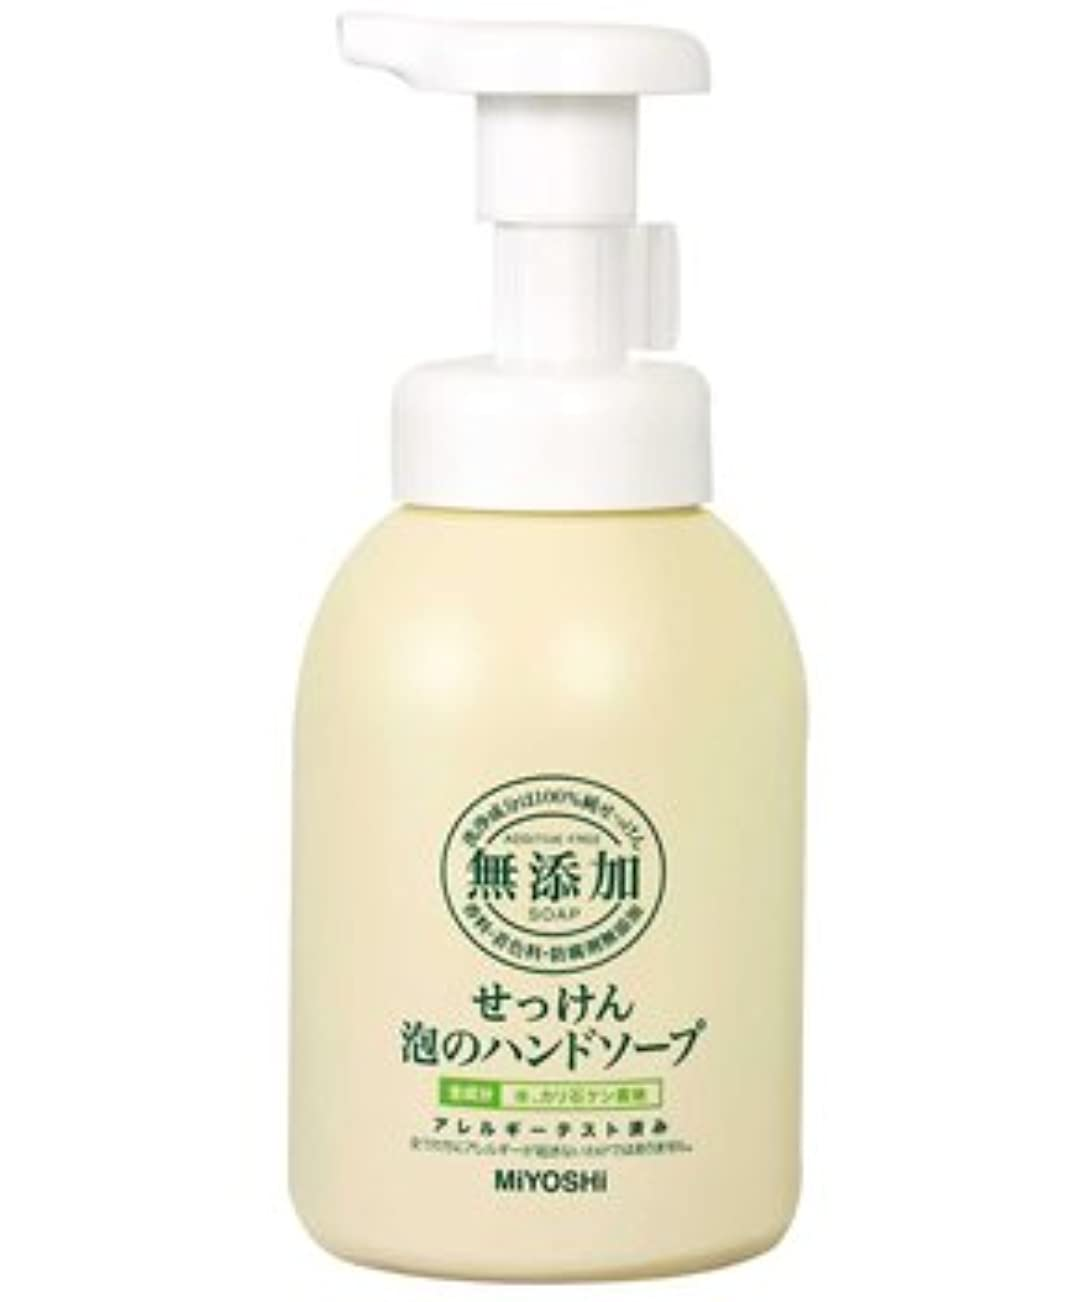 包帯引くエキゾチックミヨシ石鹸 無添加 せっけん 泡のハンドソープ ポンプ 350ml(無添加石鹸) ×24点セット (4904551100607)